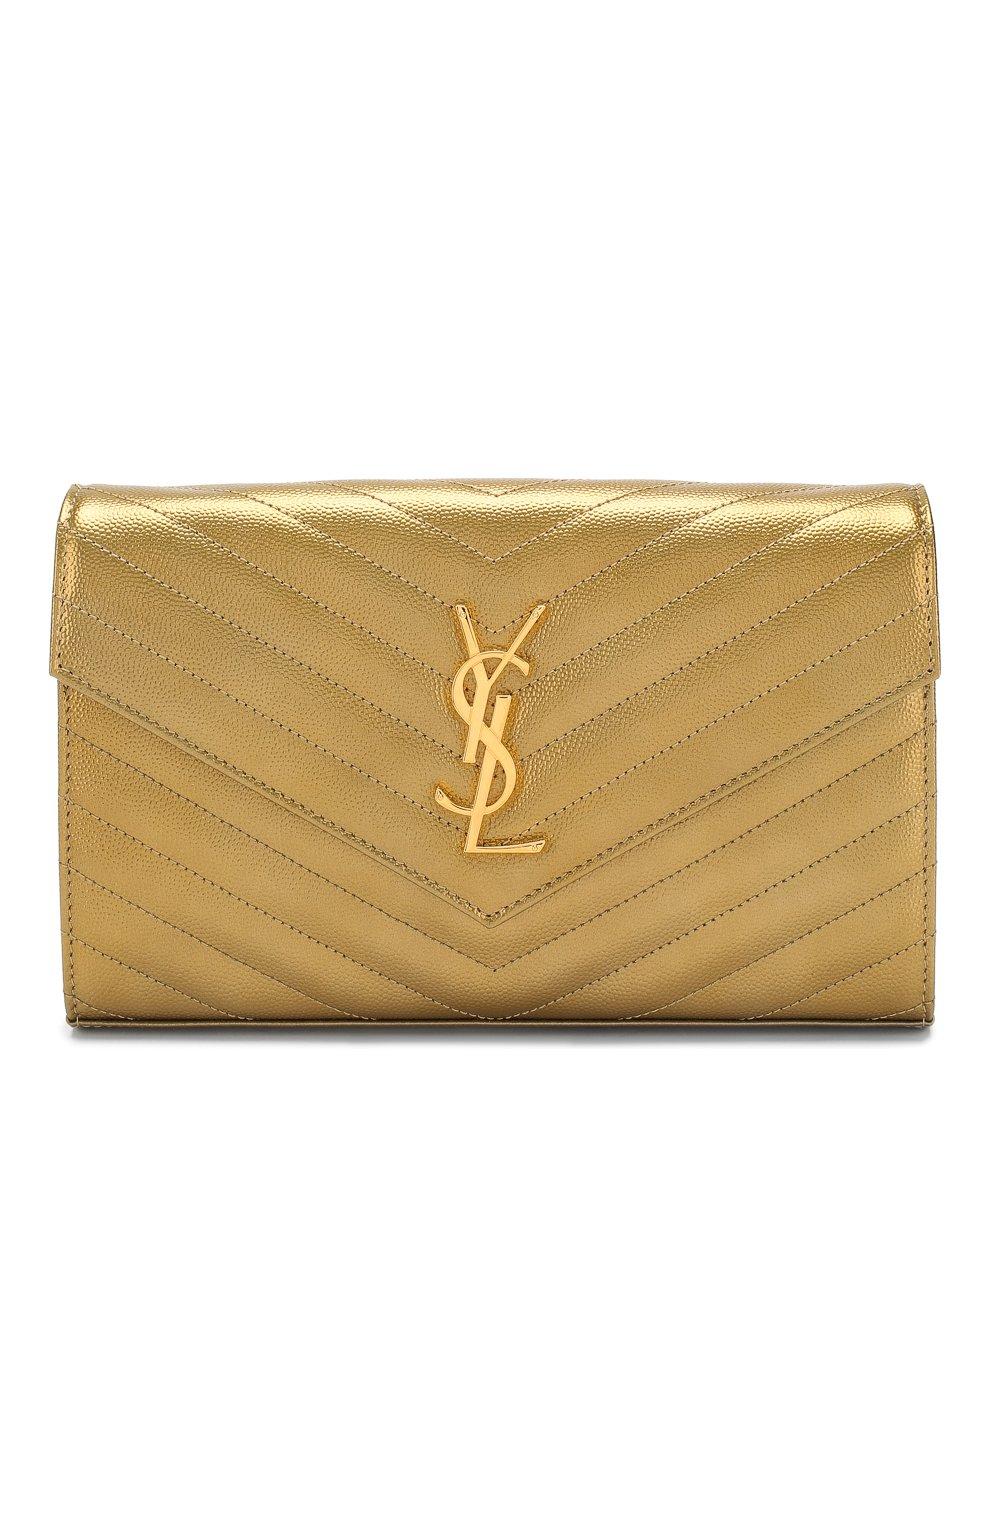 Женская сумка monogram classic SAINT LAURENT золотого цвета, арт. 377828/03X21   Фото 1